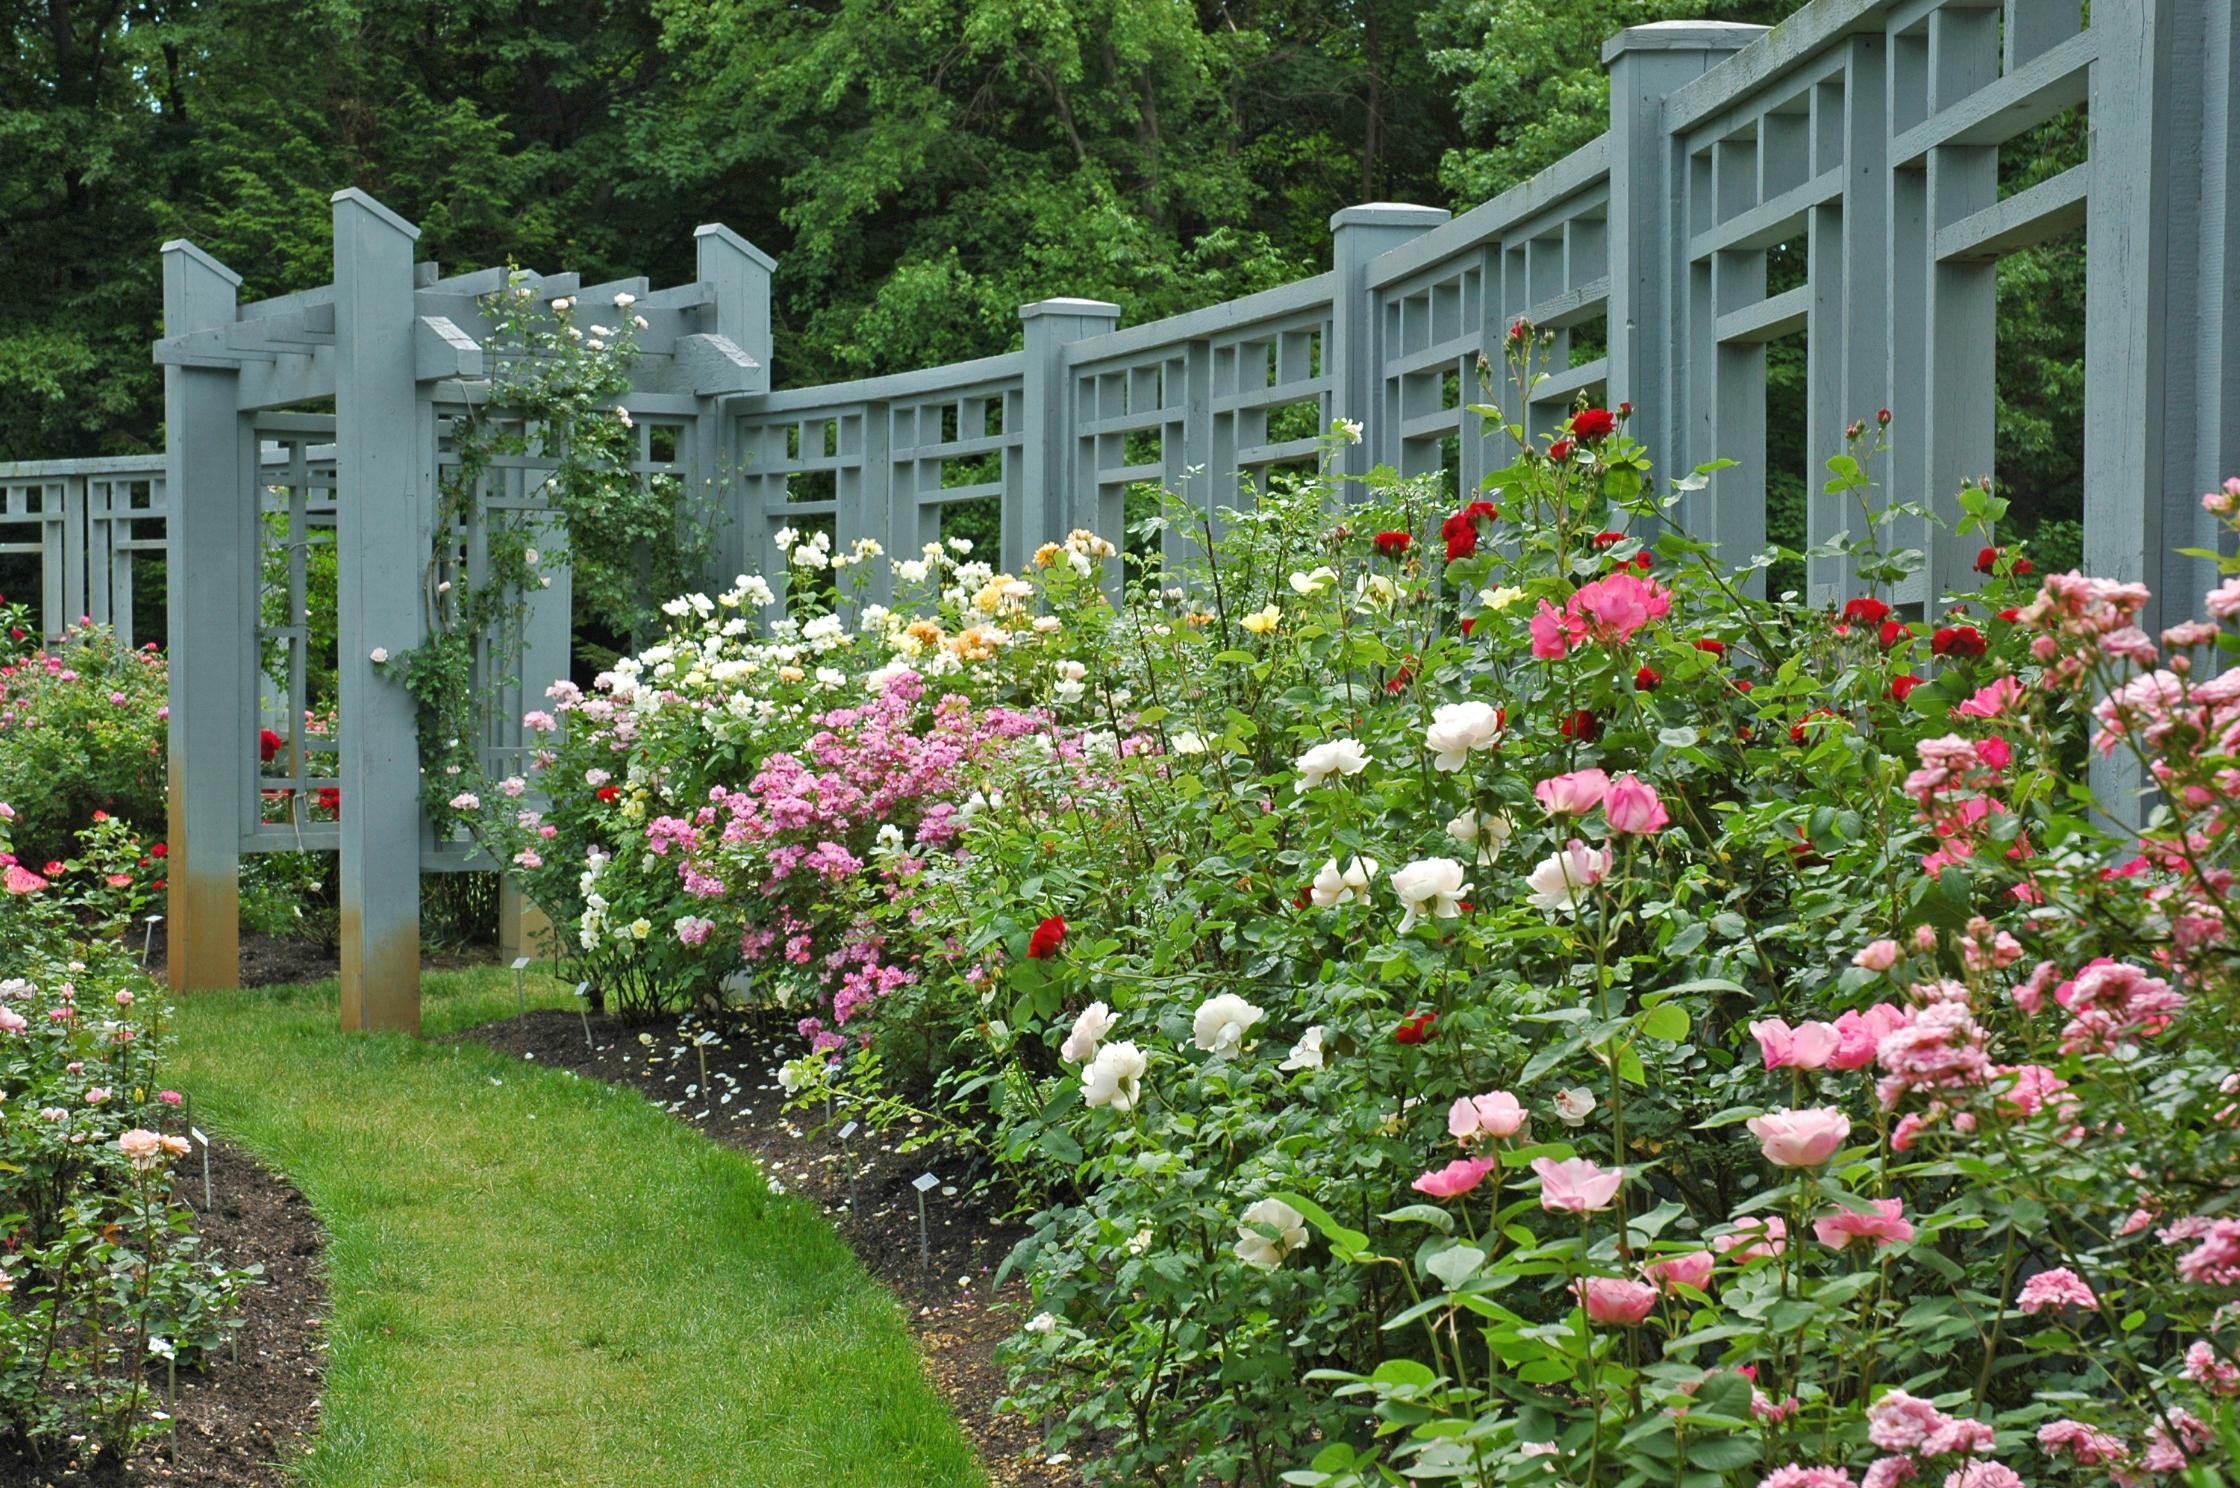 INN_roses by rose garden trellis_June_B Knowles.jpg